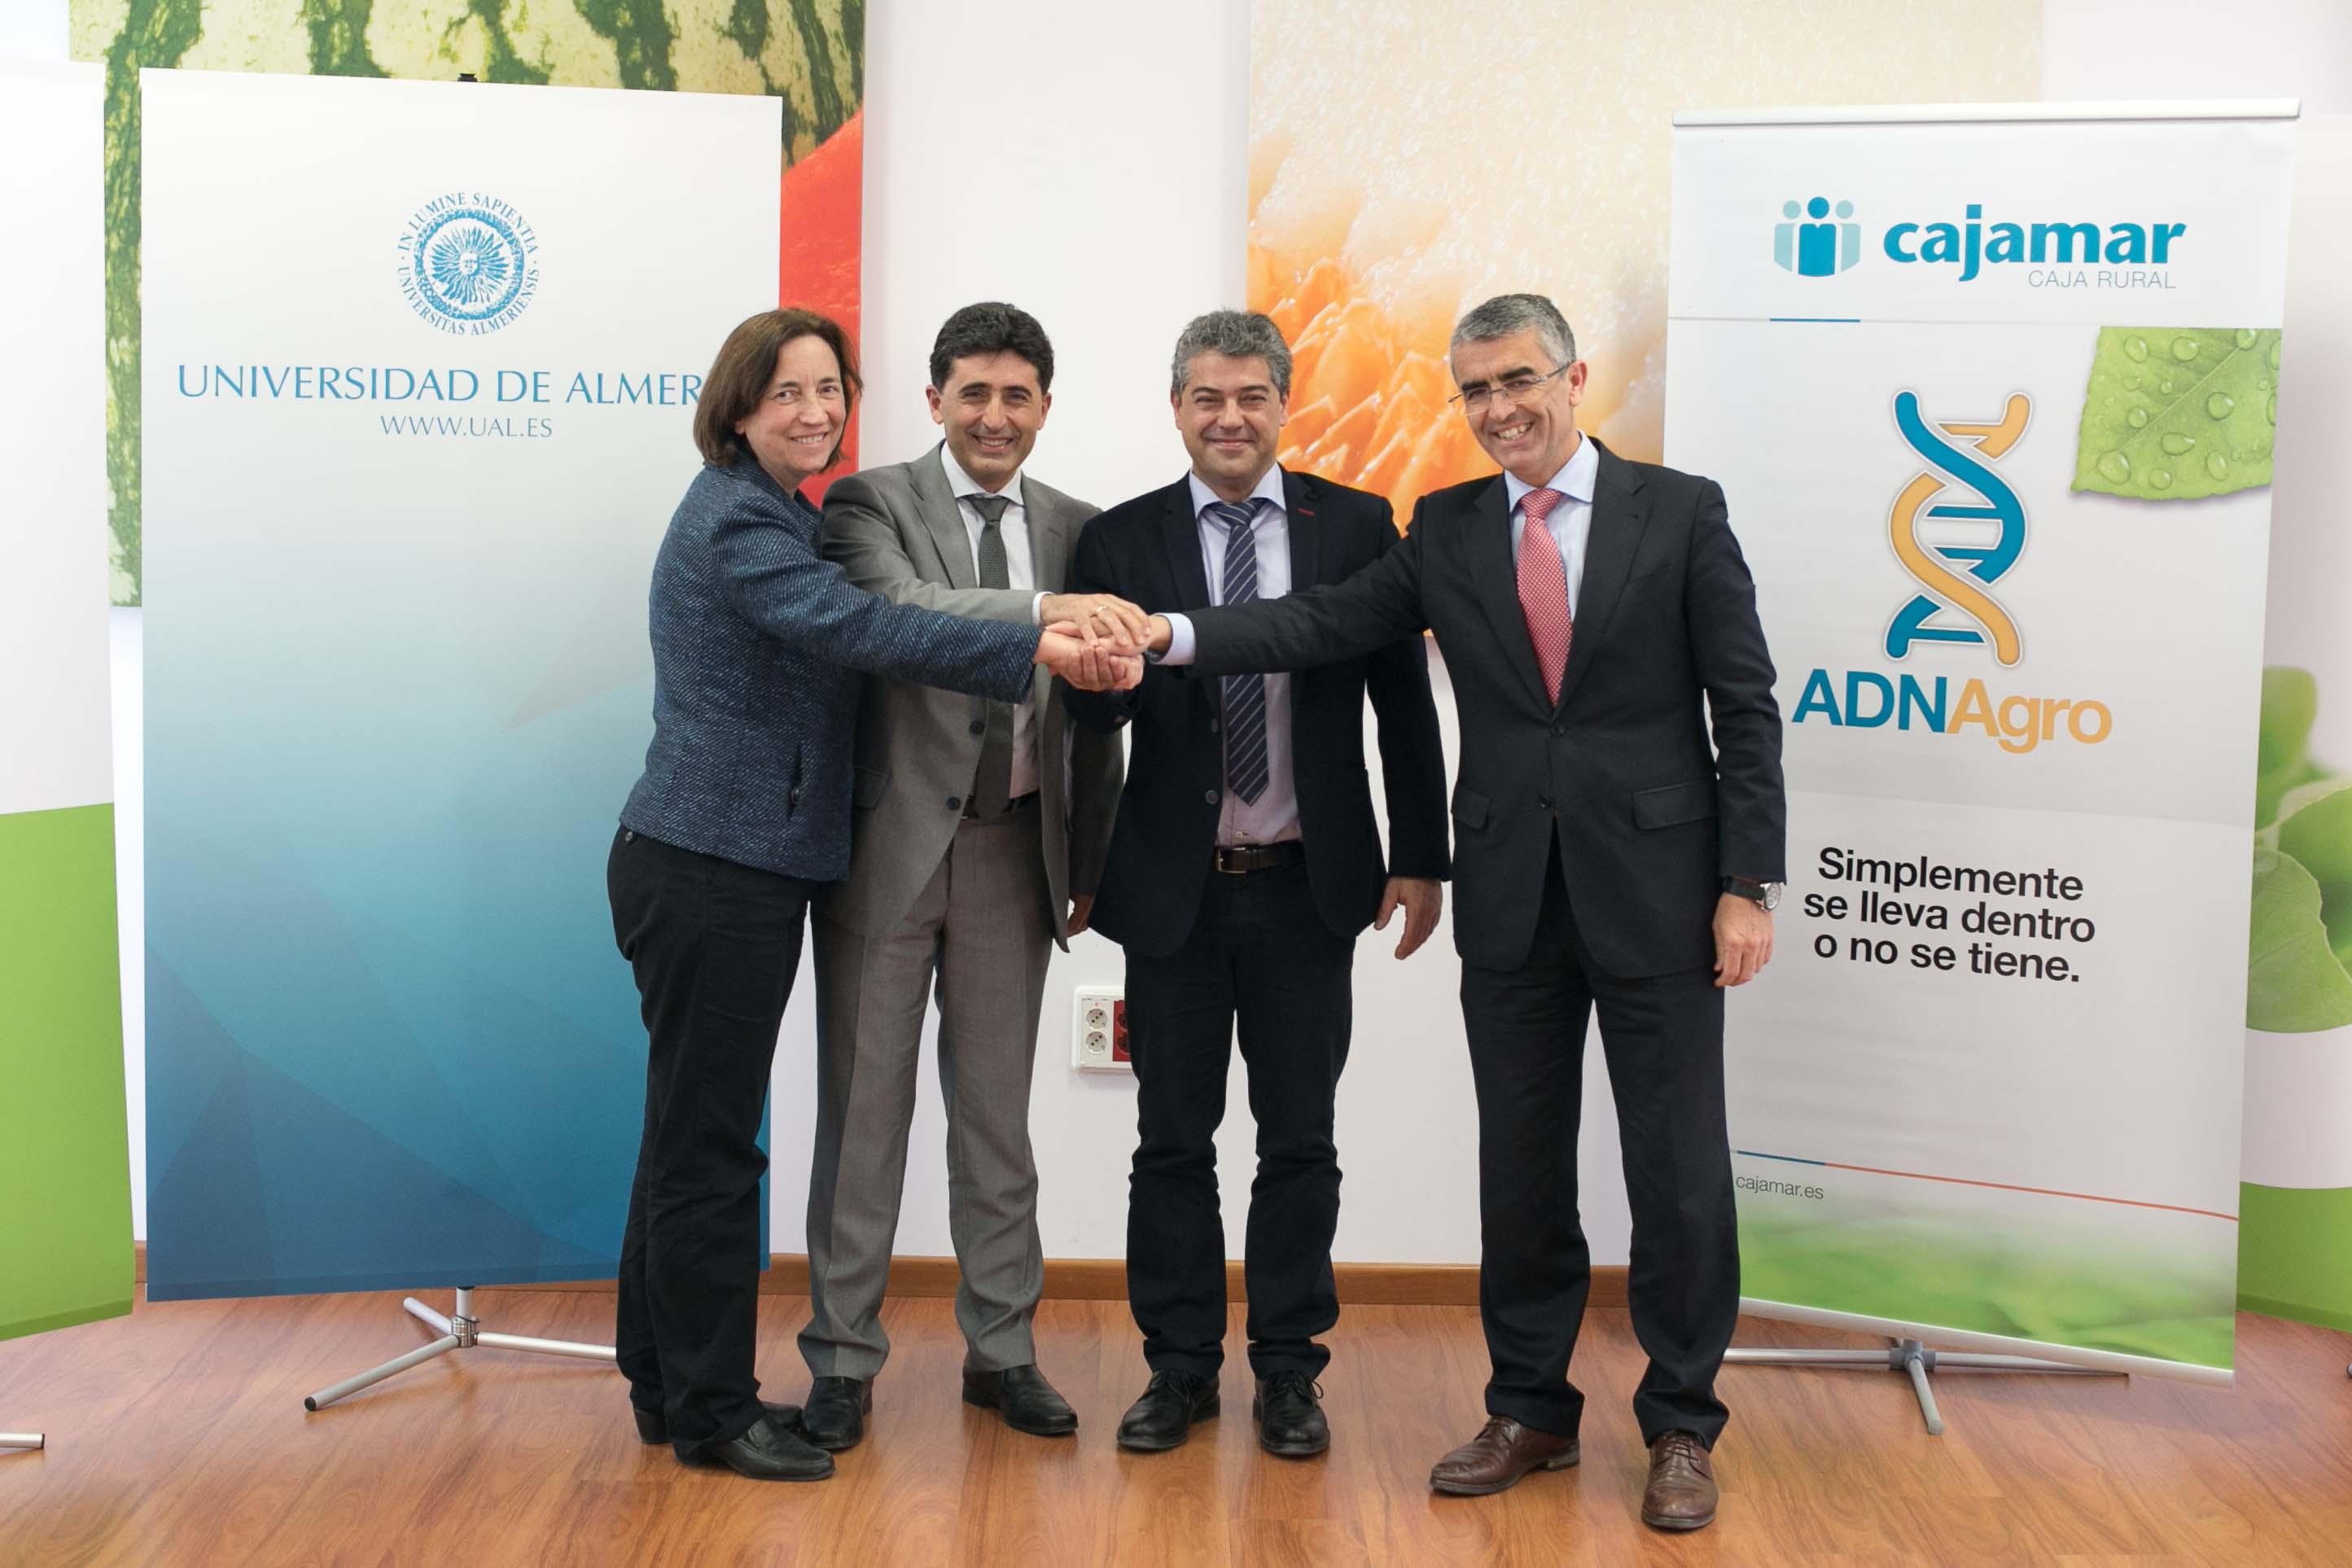 La UAL, Cajamar y Rijk Zwaan suscriben un convenio para fomentar la investigación científica